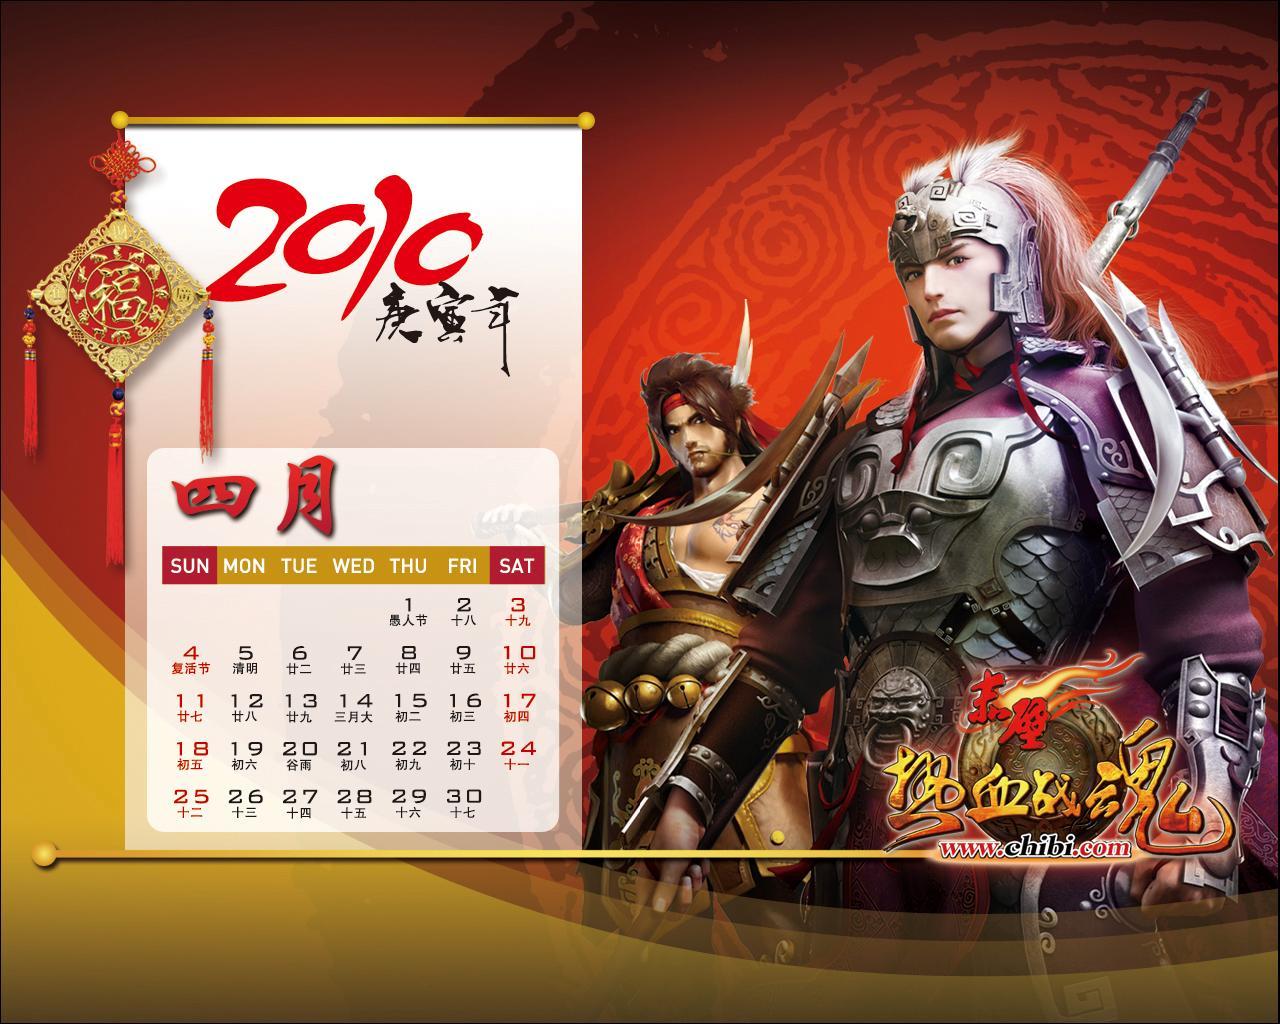 Wallpaper Chibi Online Games